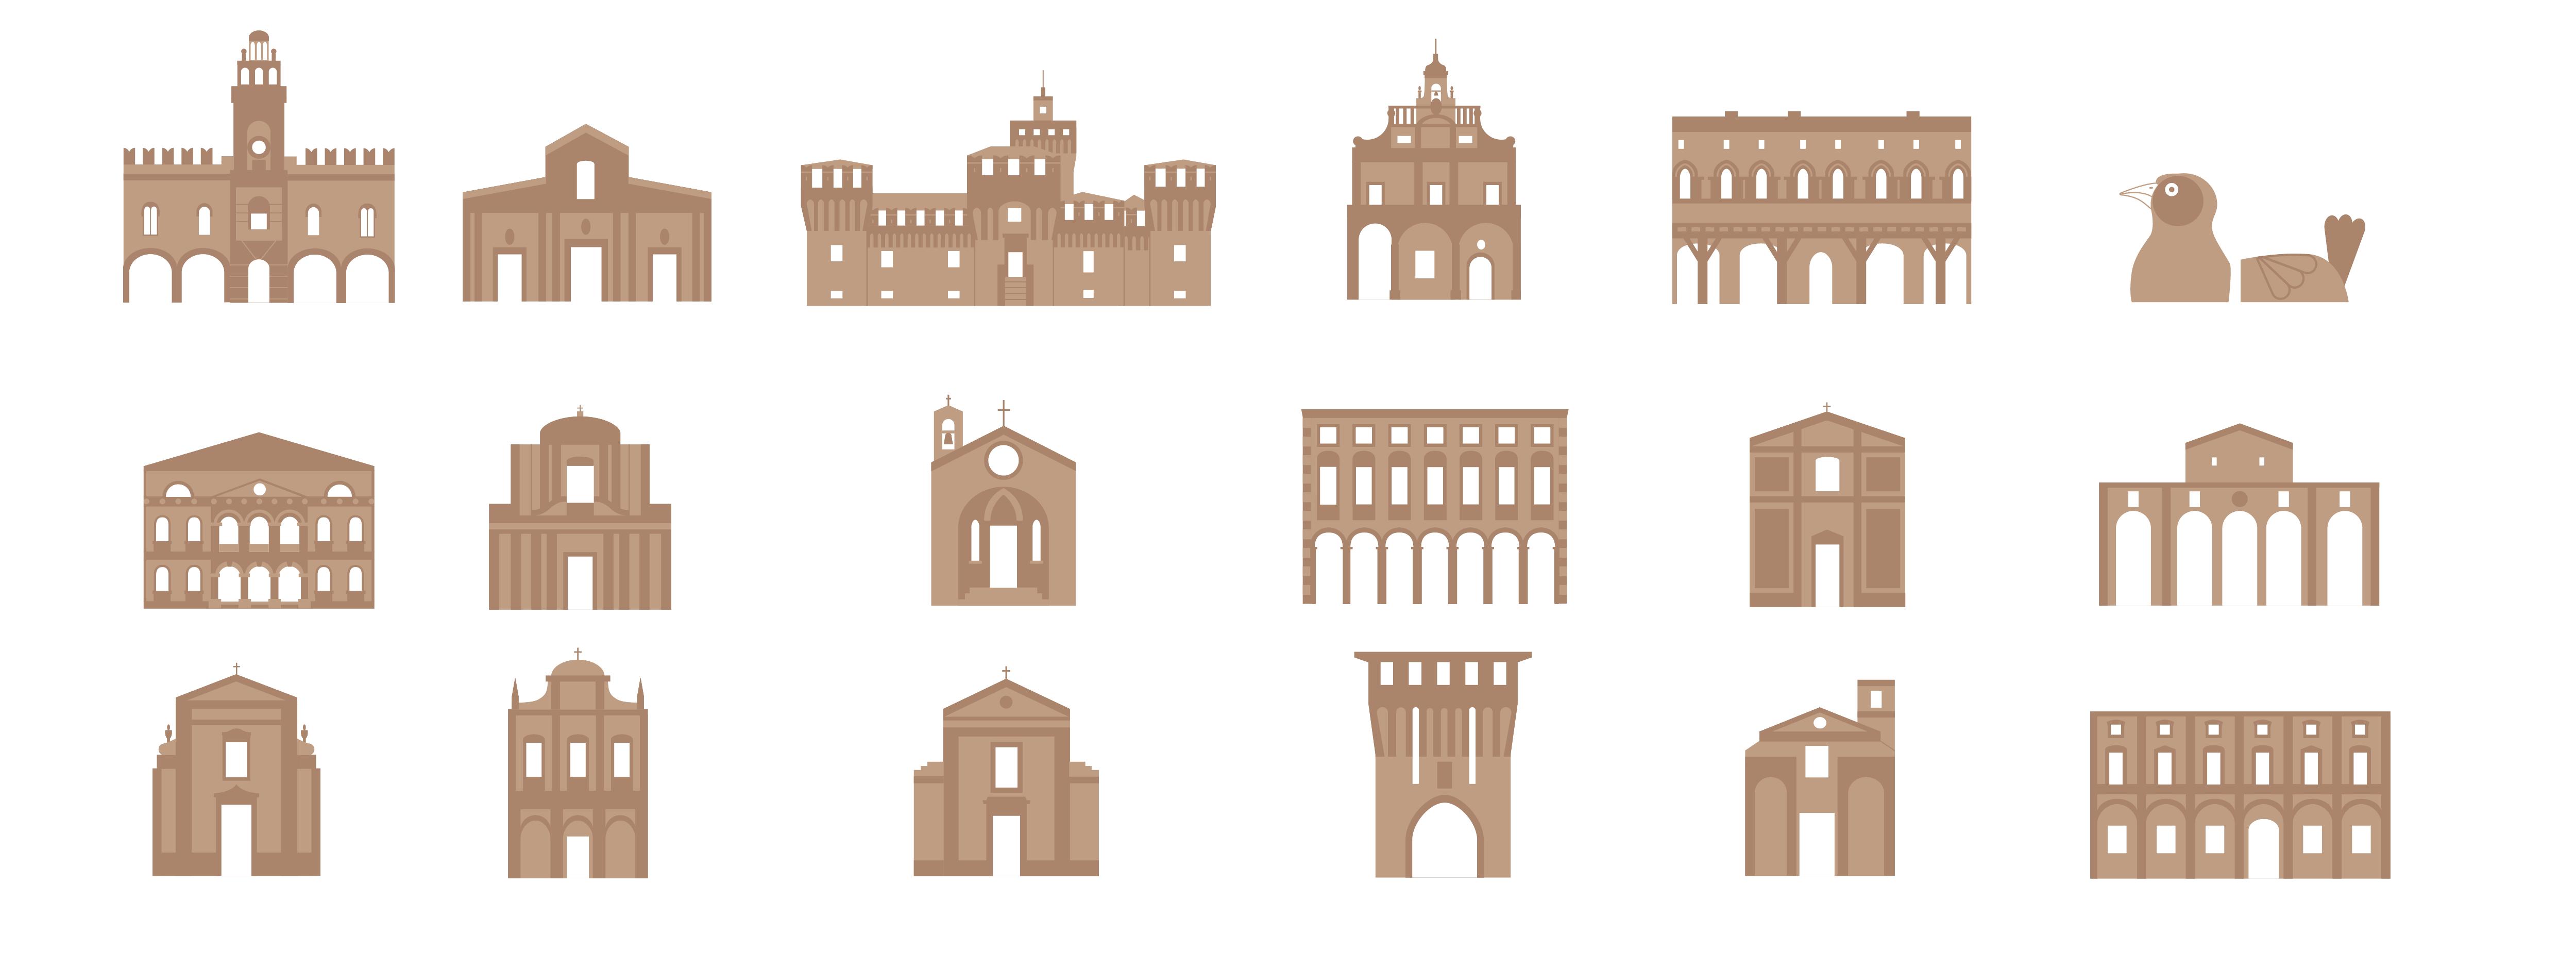 illustrazioni edifici Cento